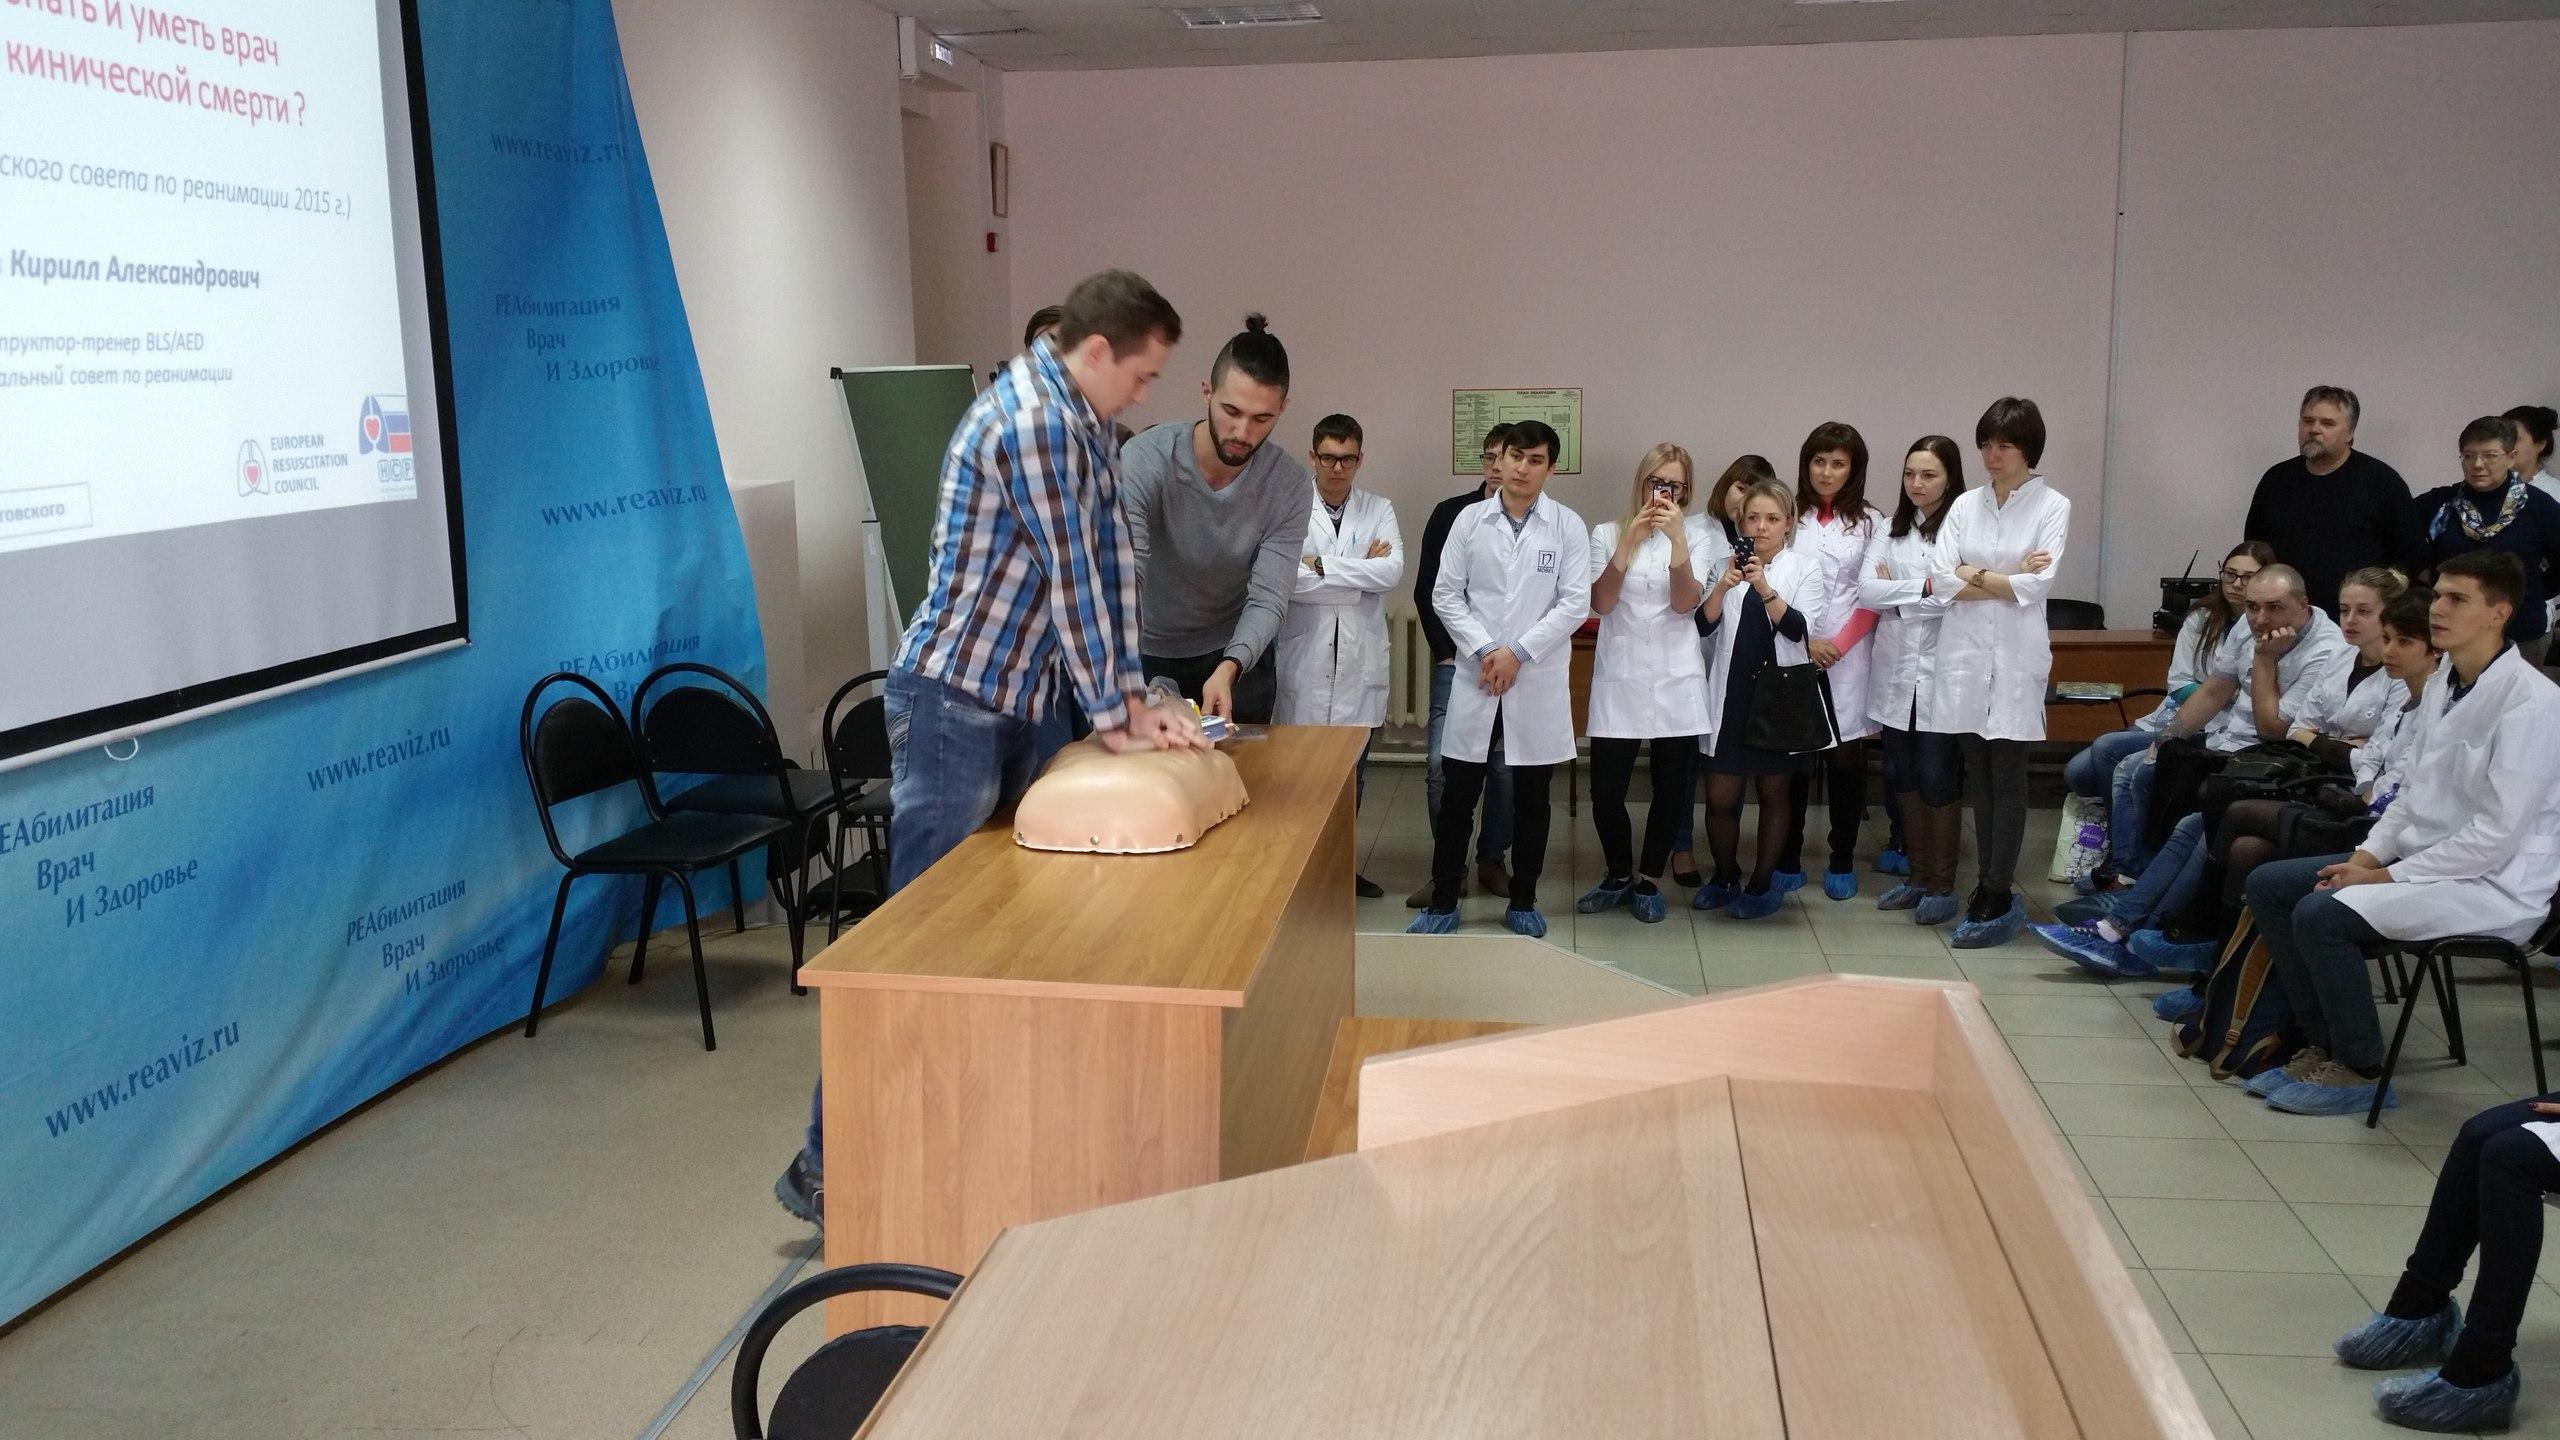 Картинки по запросу http://www.reaviz.ru/